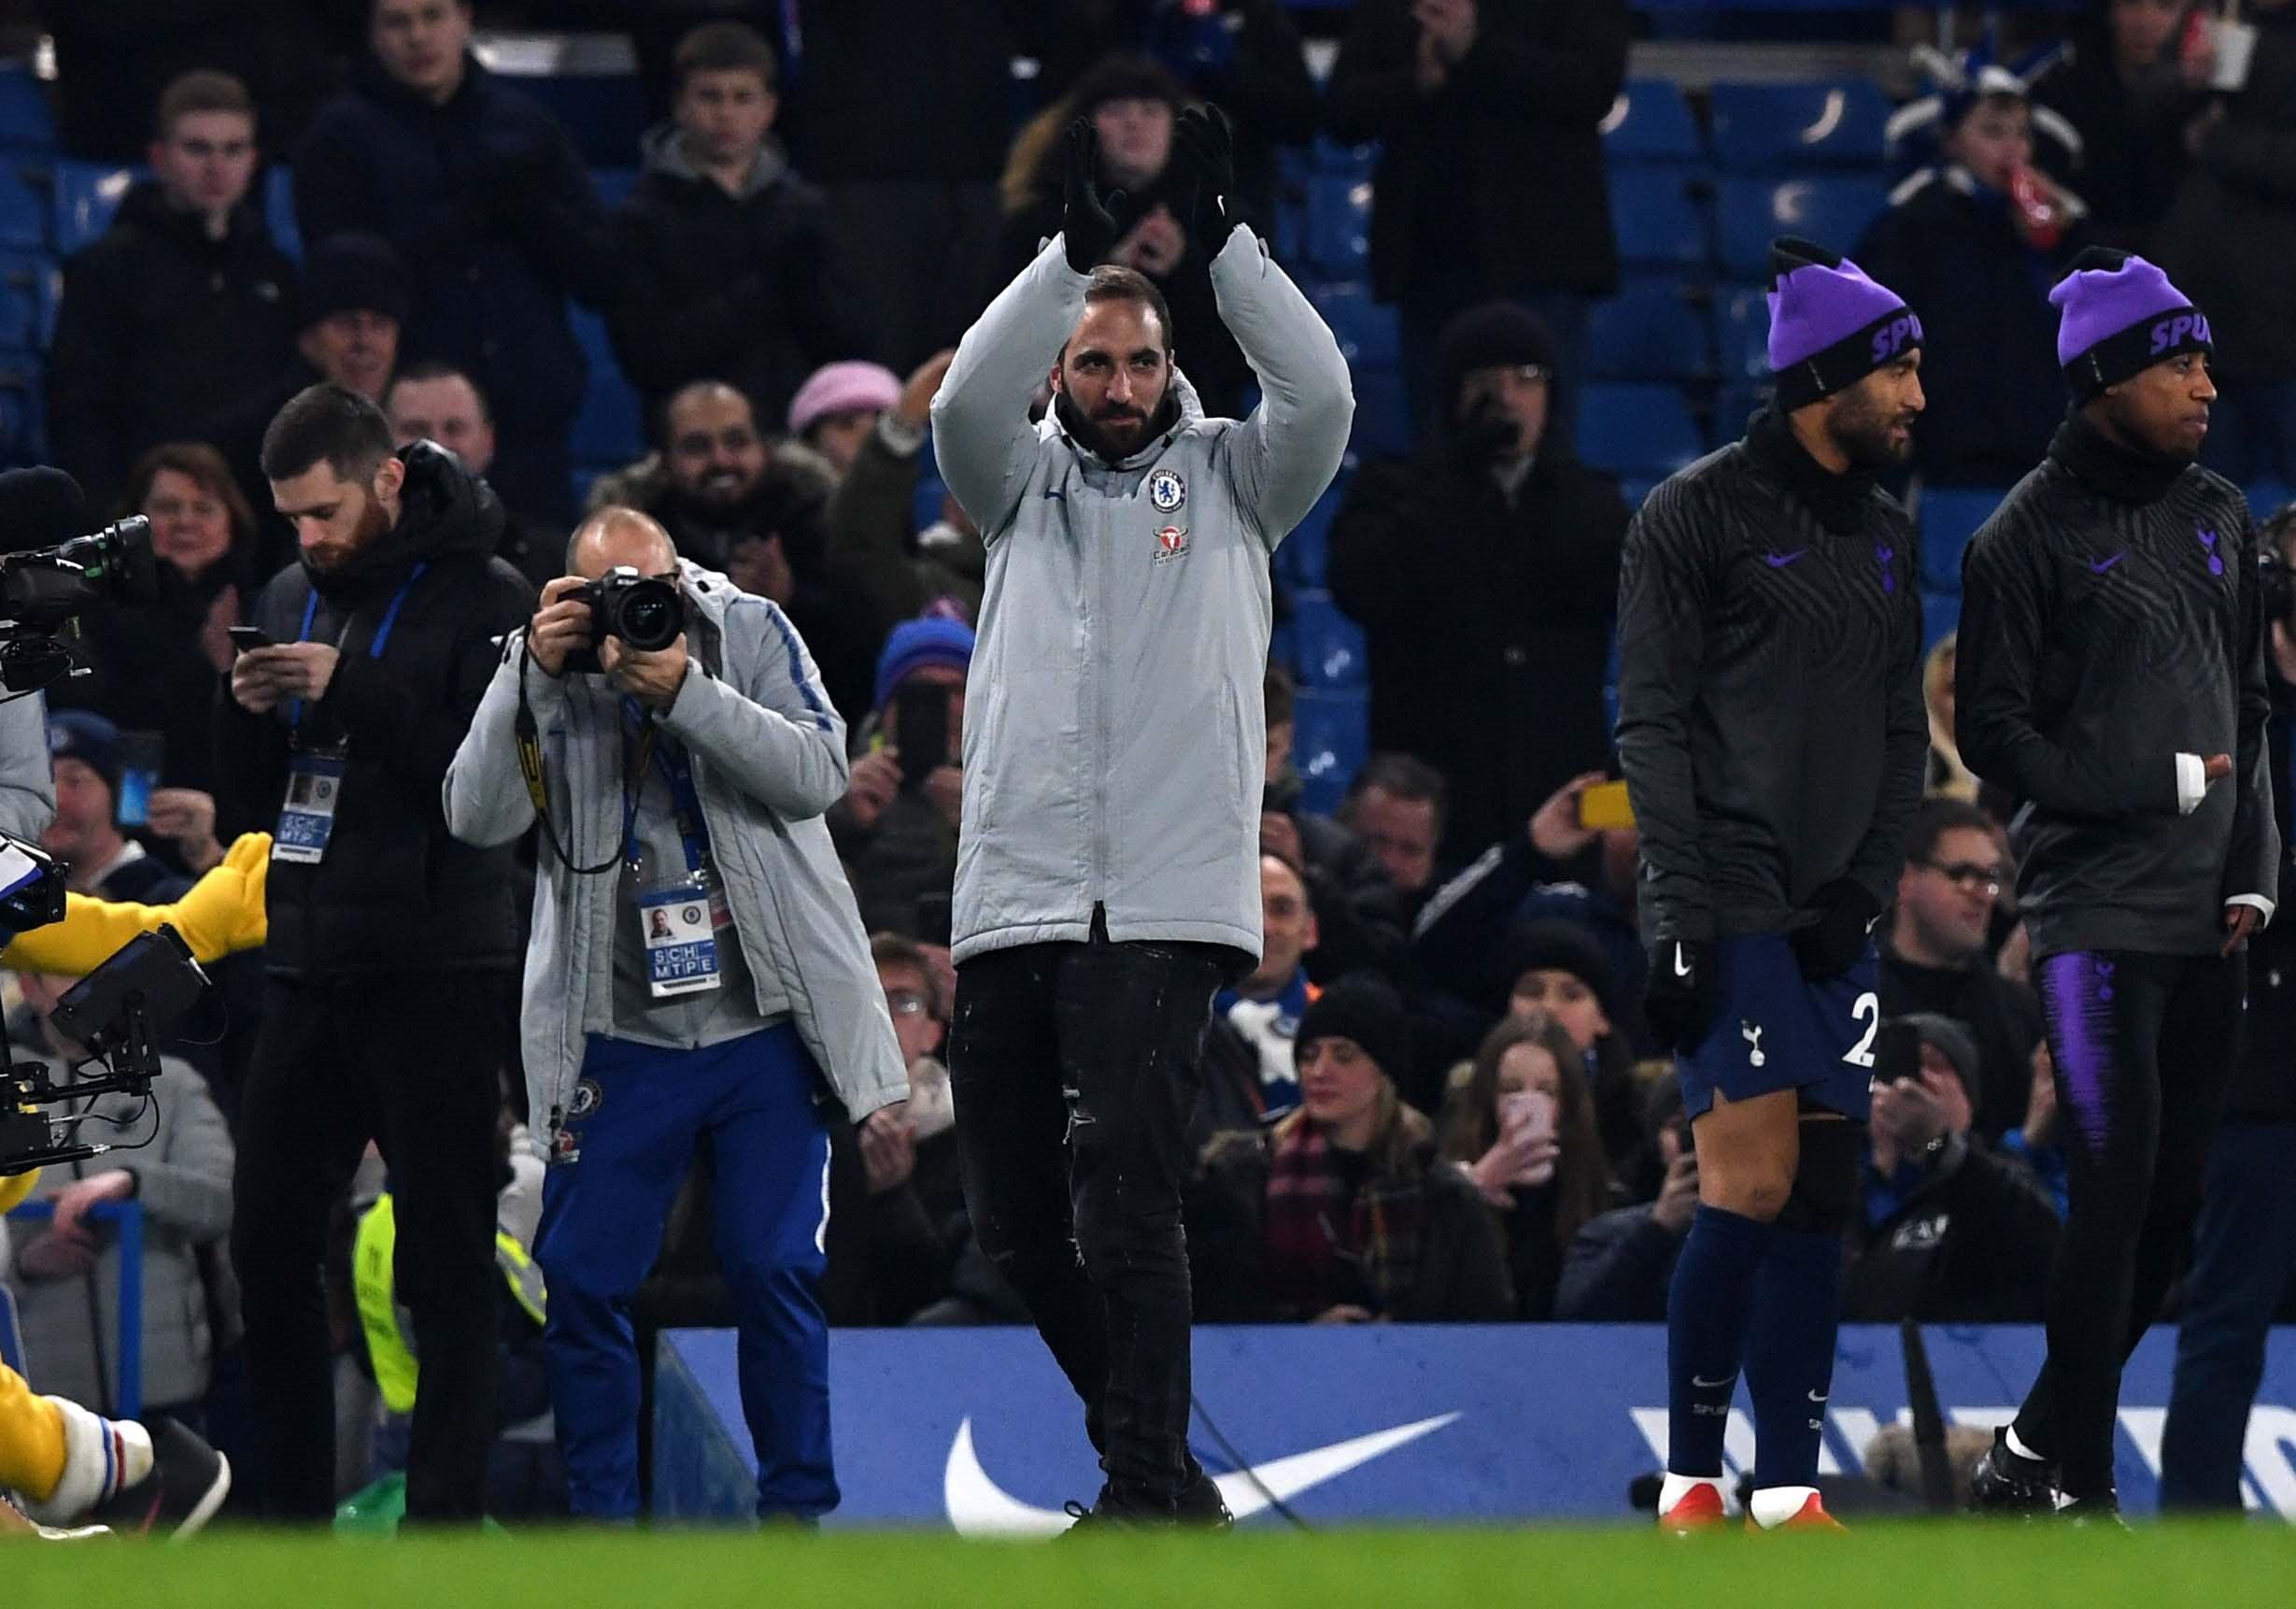 Gonzalo Higuaín fue presentado durante el partido del Chelsea contra el Tottenham . (Foto Prensa Libre: EFE).